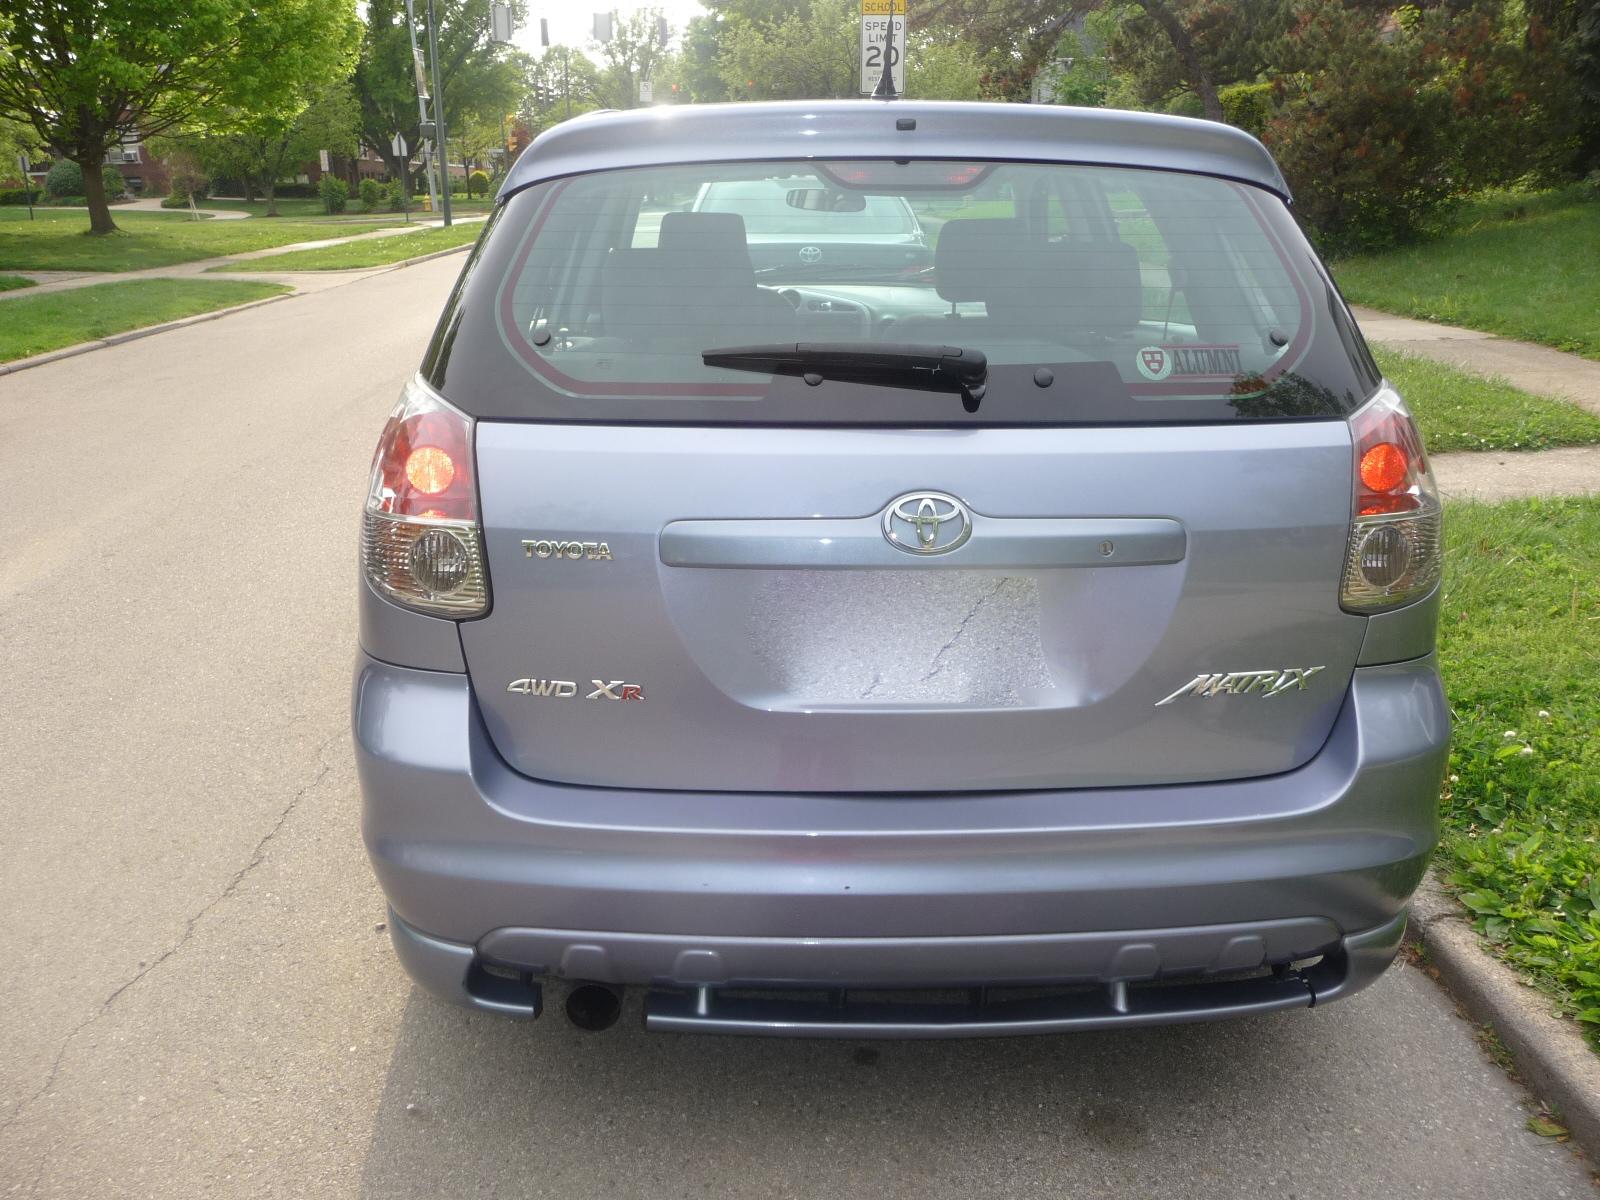 2006 Toyota Matrix - Exterior Pictures